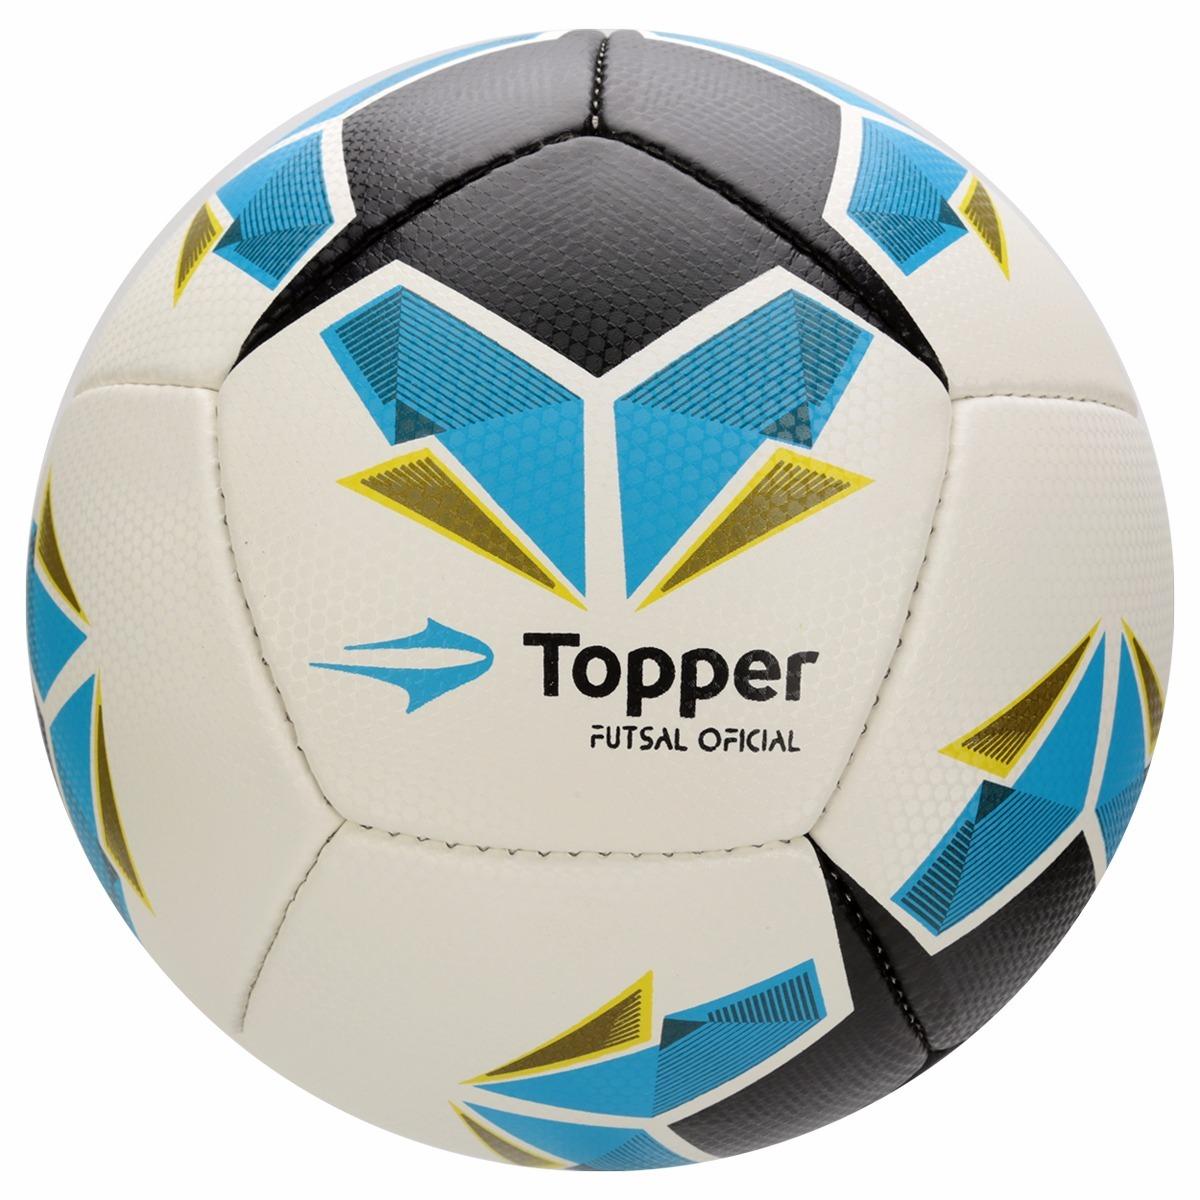 bola futsal topper seleção br iv + nf. Carregando zoom. de0670b29a134